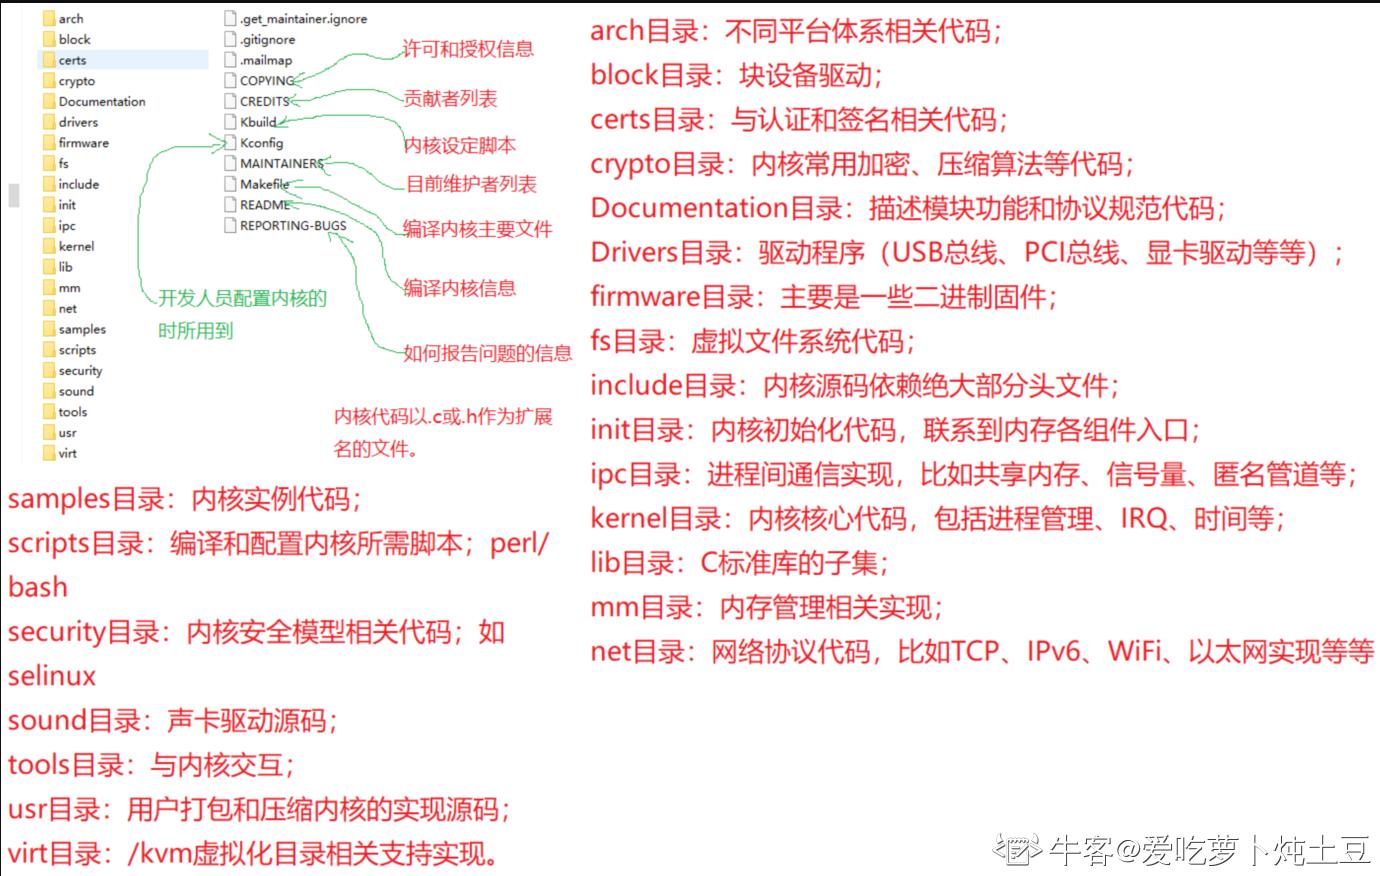 源码组织结构